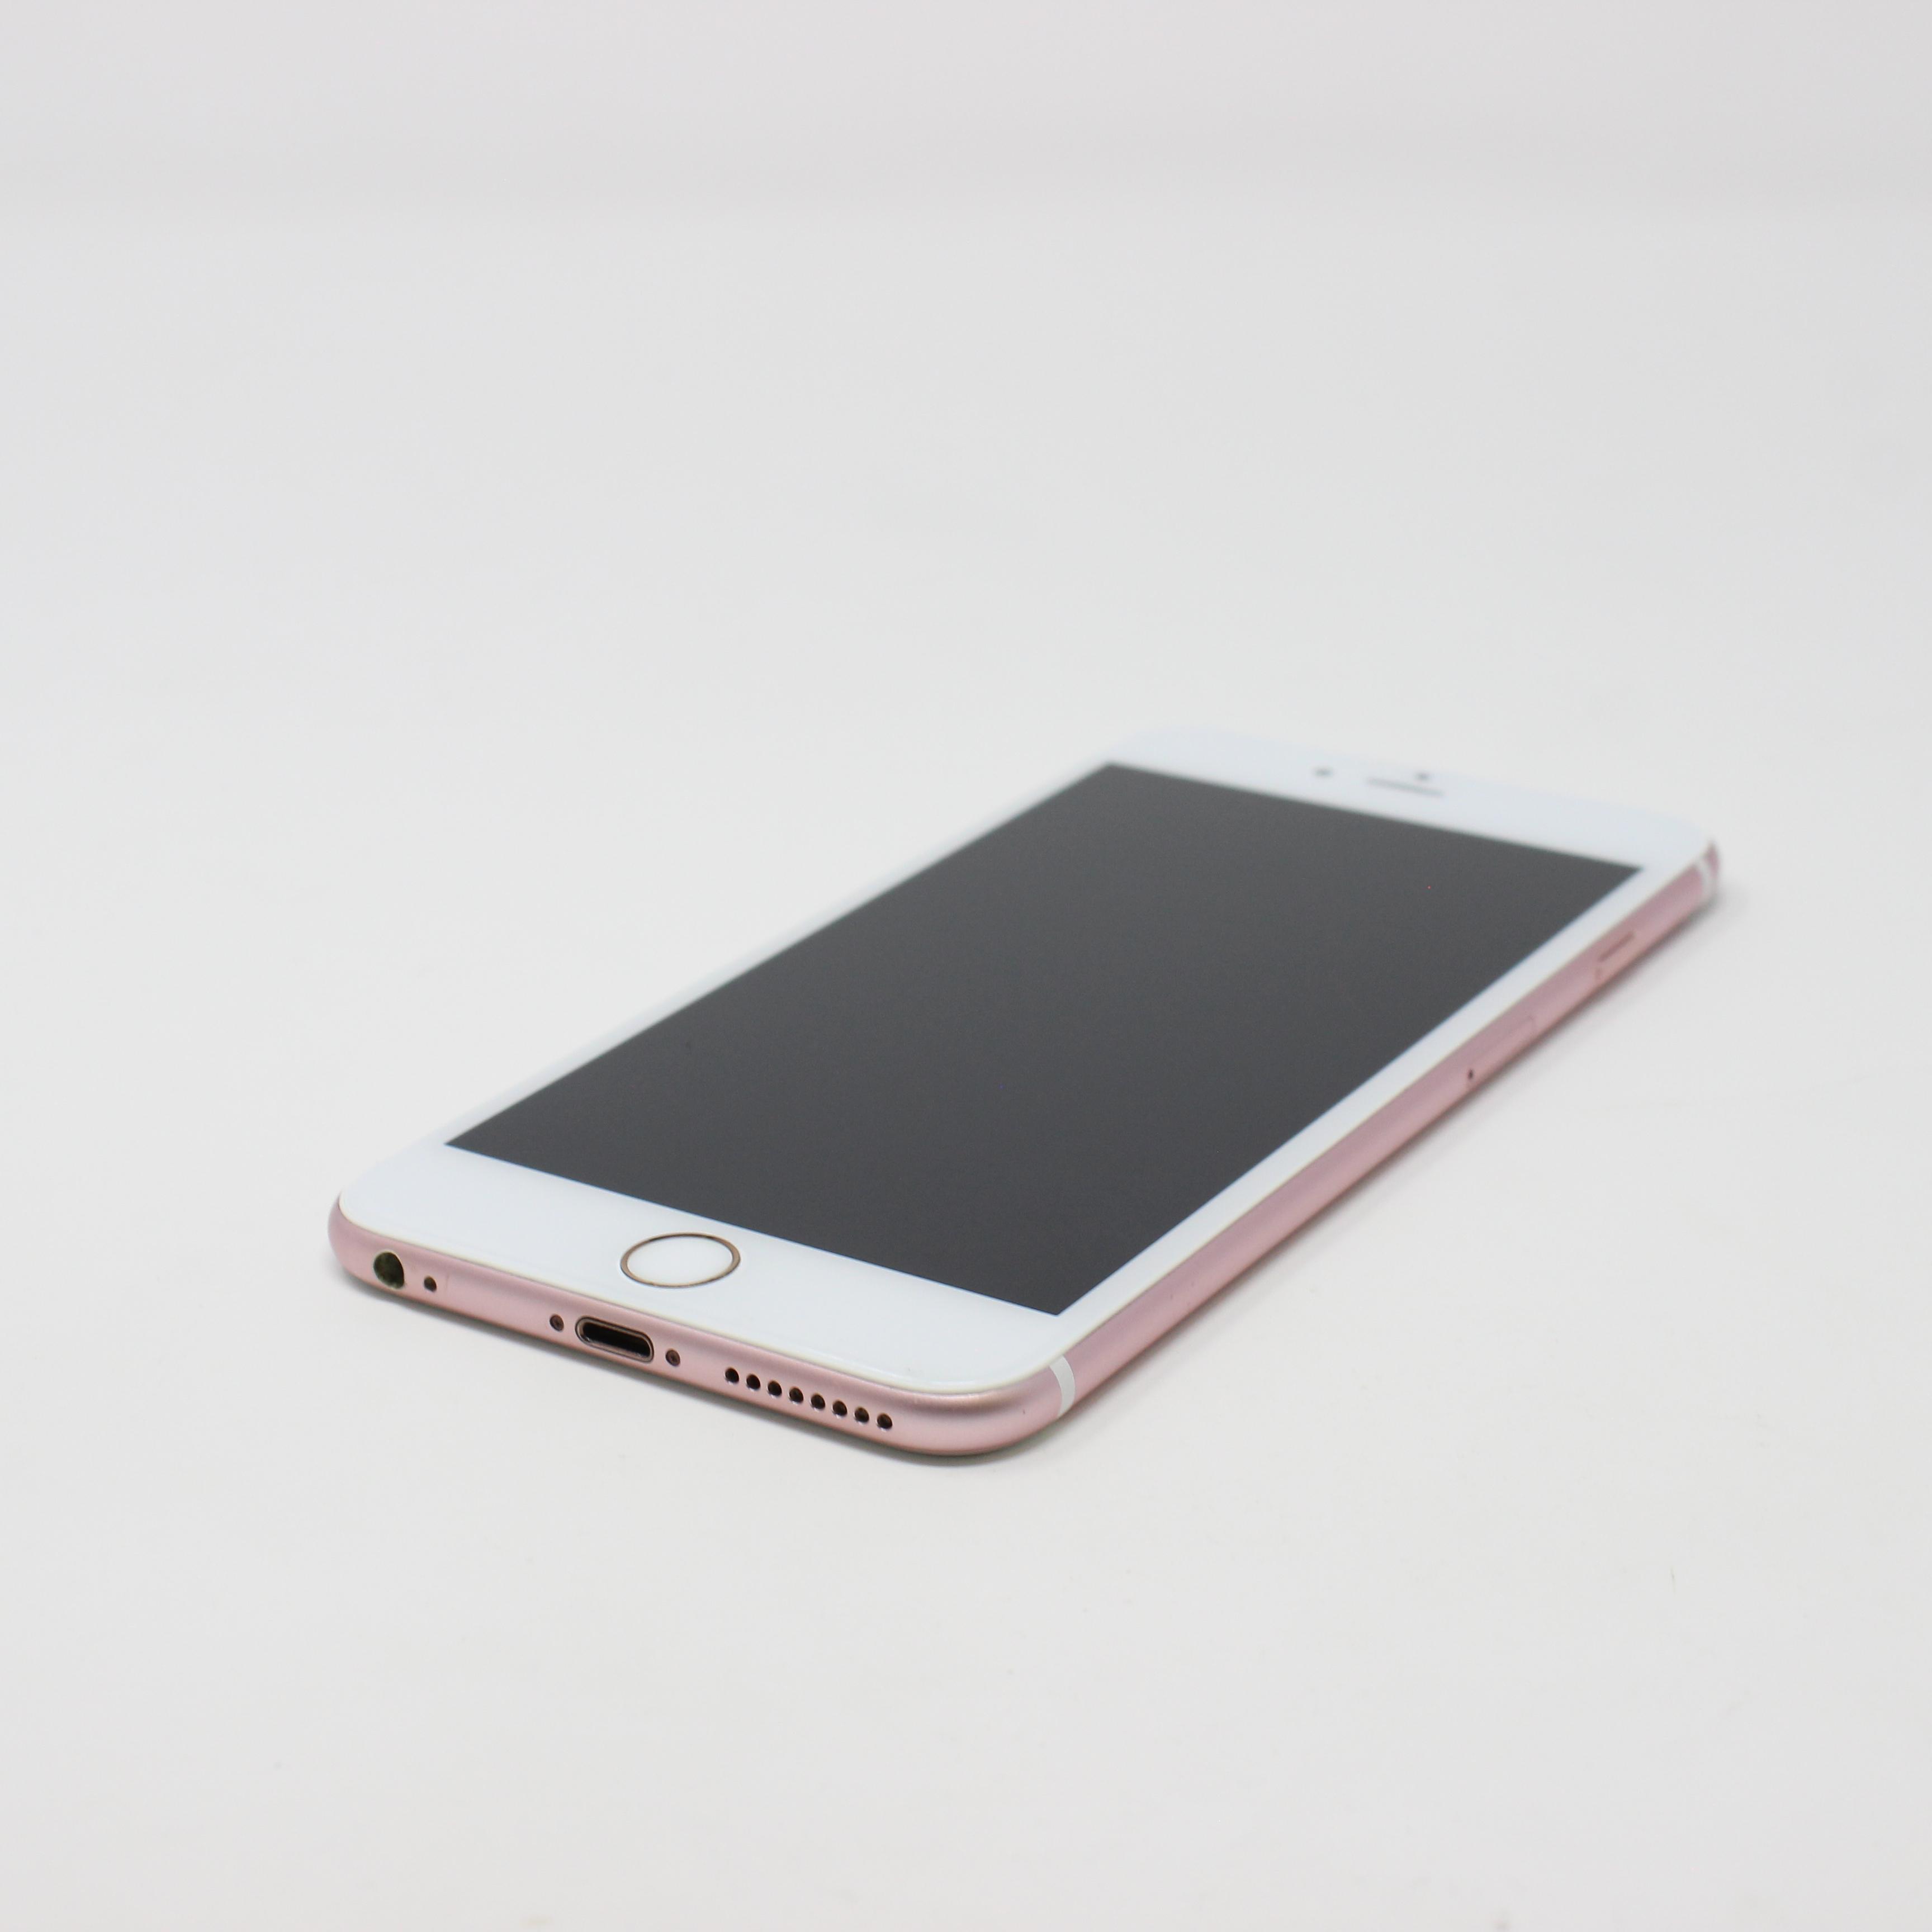 iPhone 6S Plus 16GB Rose Gold - Unlocked photo 6 | UpTradeit.com